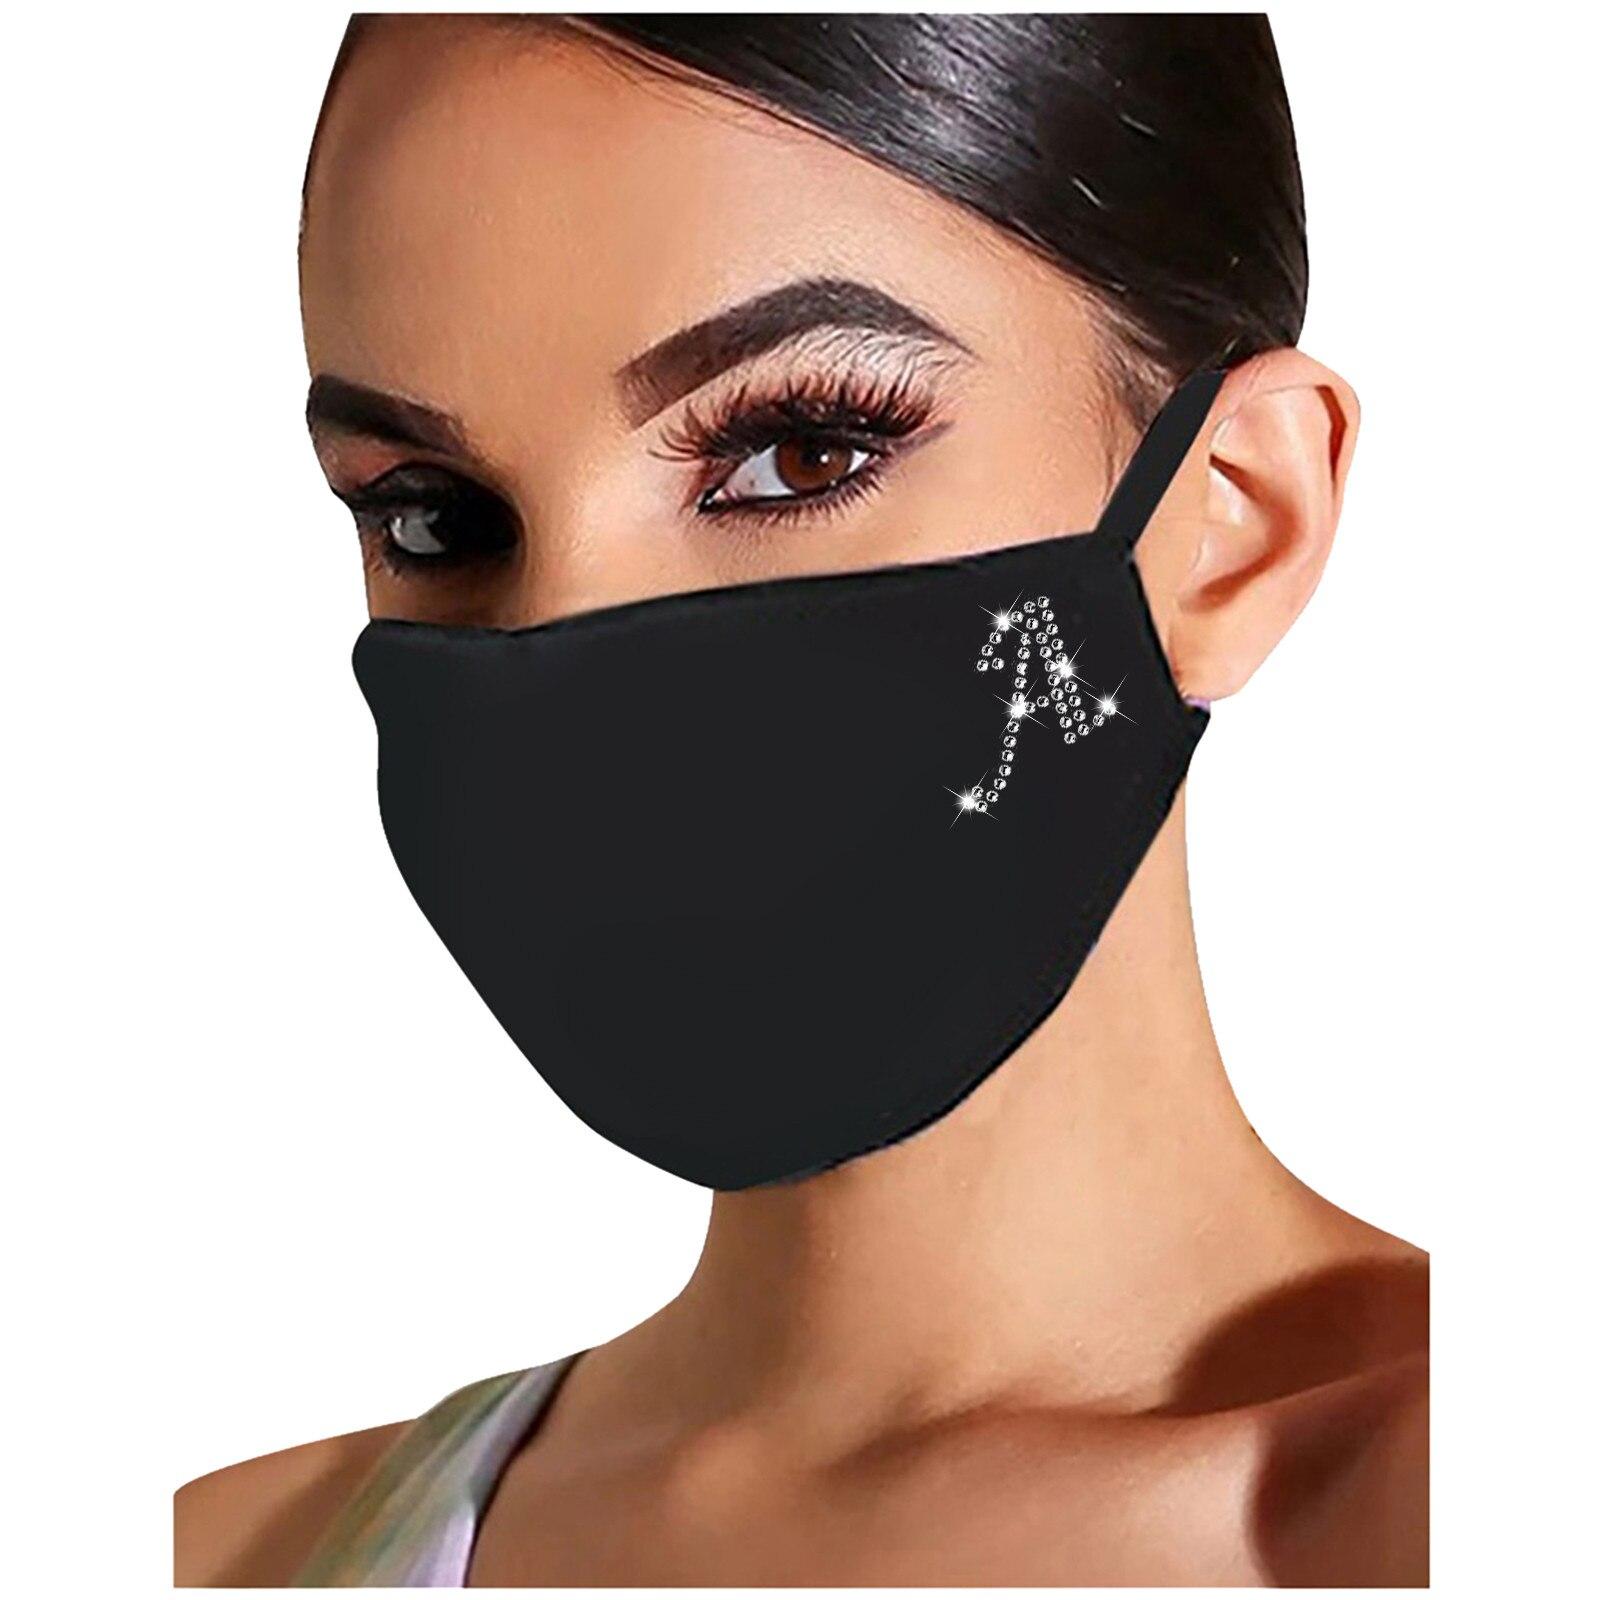 26 буквенный принт Маска Для Взрослых Черная маска для лица Стразы узор моющиеся хлопок рот маски многоразовая маска защитный Mascarillas